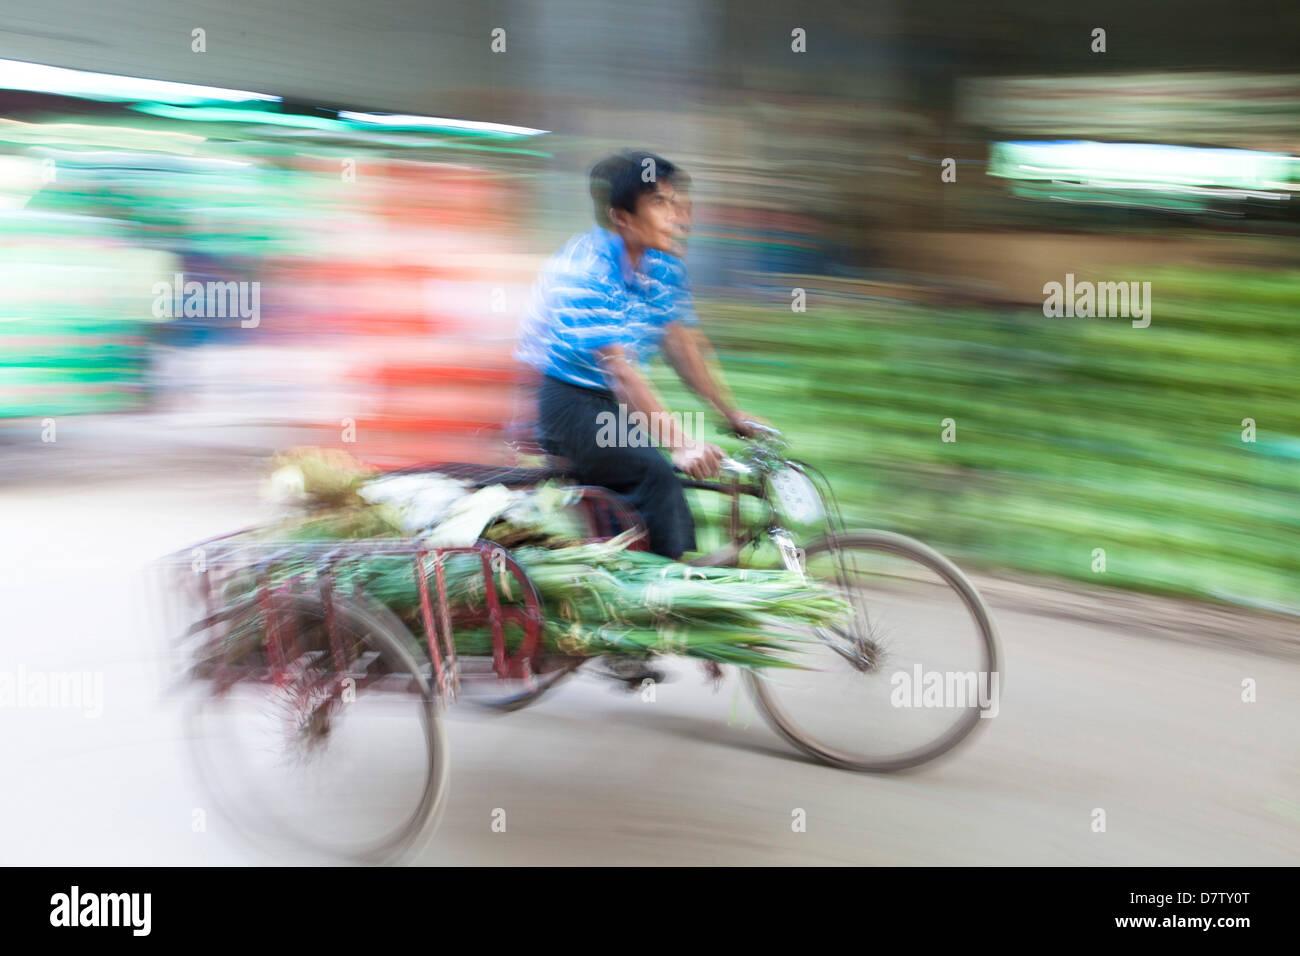 L'image stéréo et image floue pour ajouter un sens de mouvement d'un homme du vélo à Photo Stock